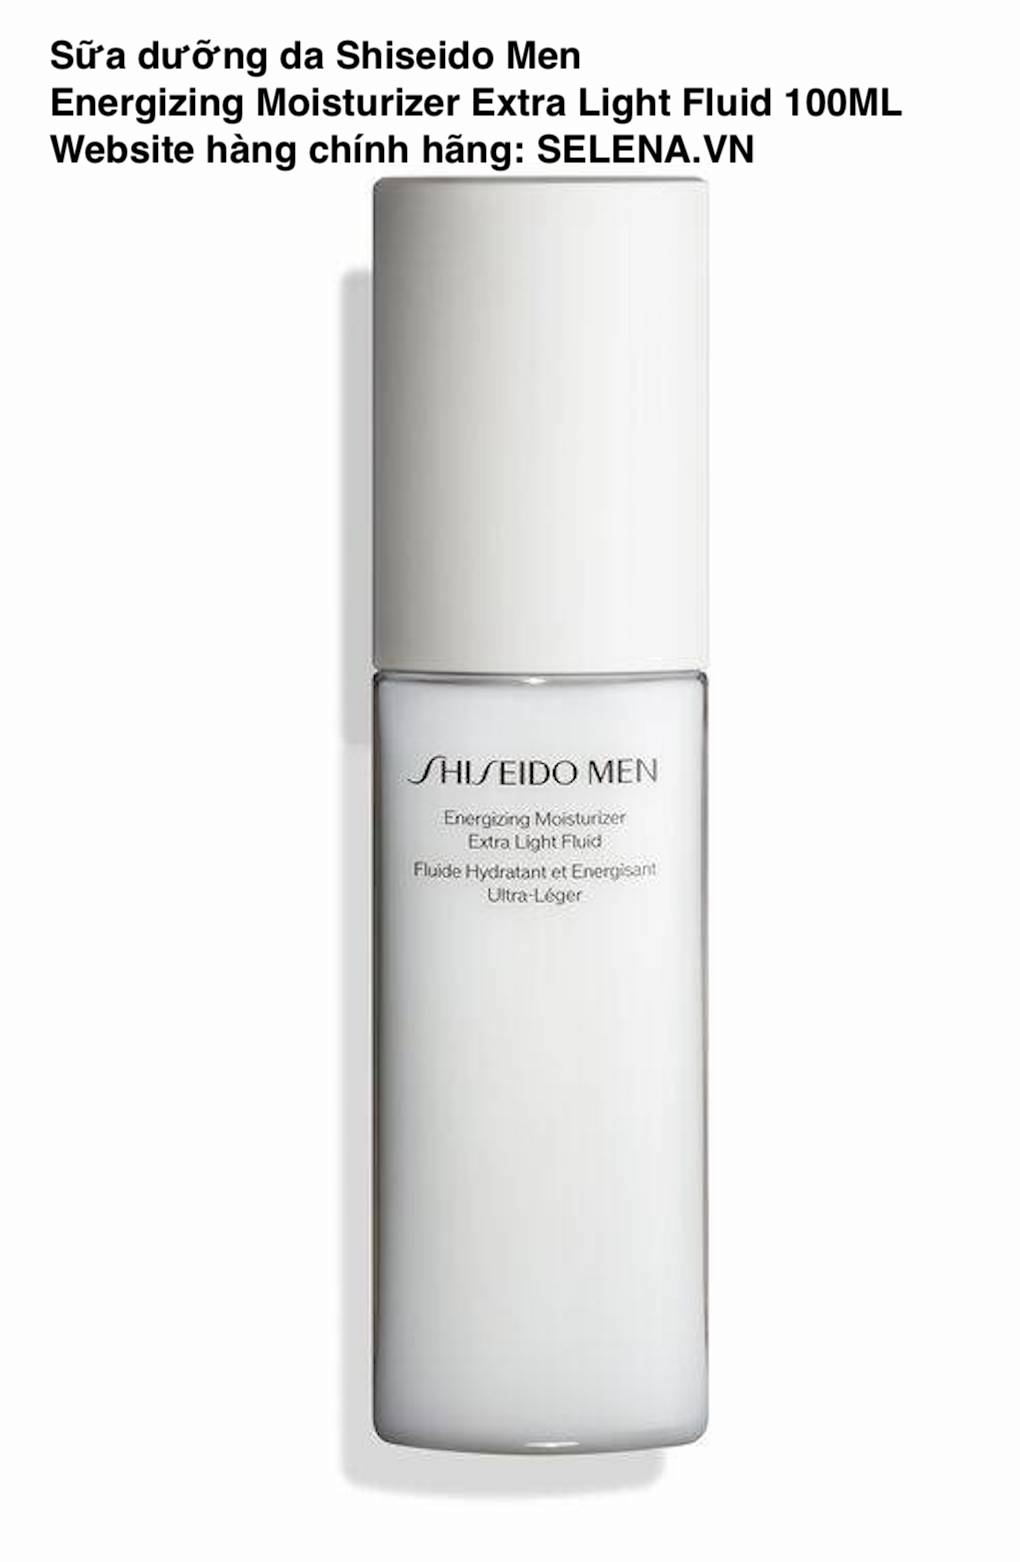 Sữa dưỡng da Shiseido Men Energizing Moisturizer Extra Light Fluid dưỡng ẩm suốt 32 giờ giúp giảm nếp nhăn, xỉn màu và khô da